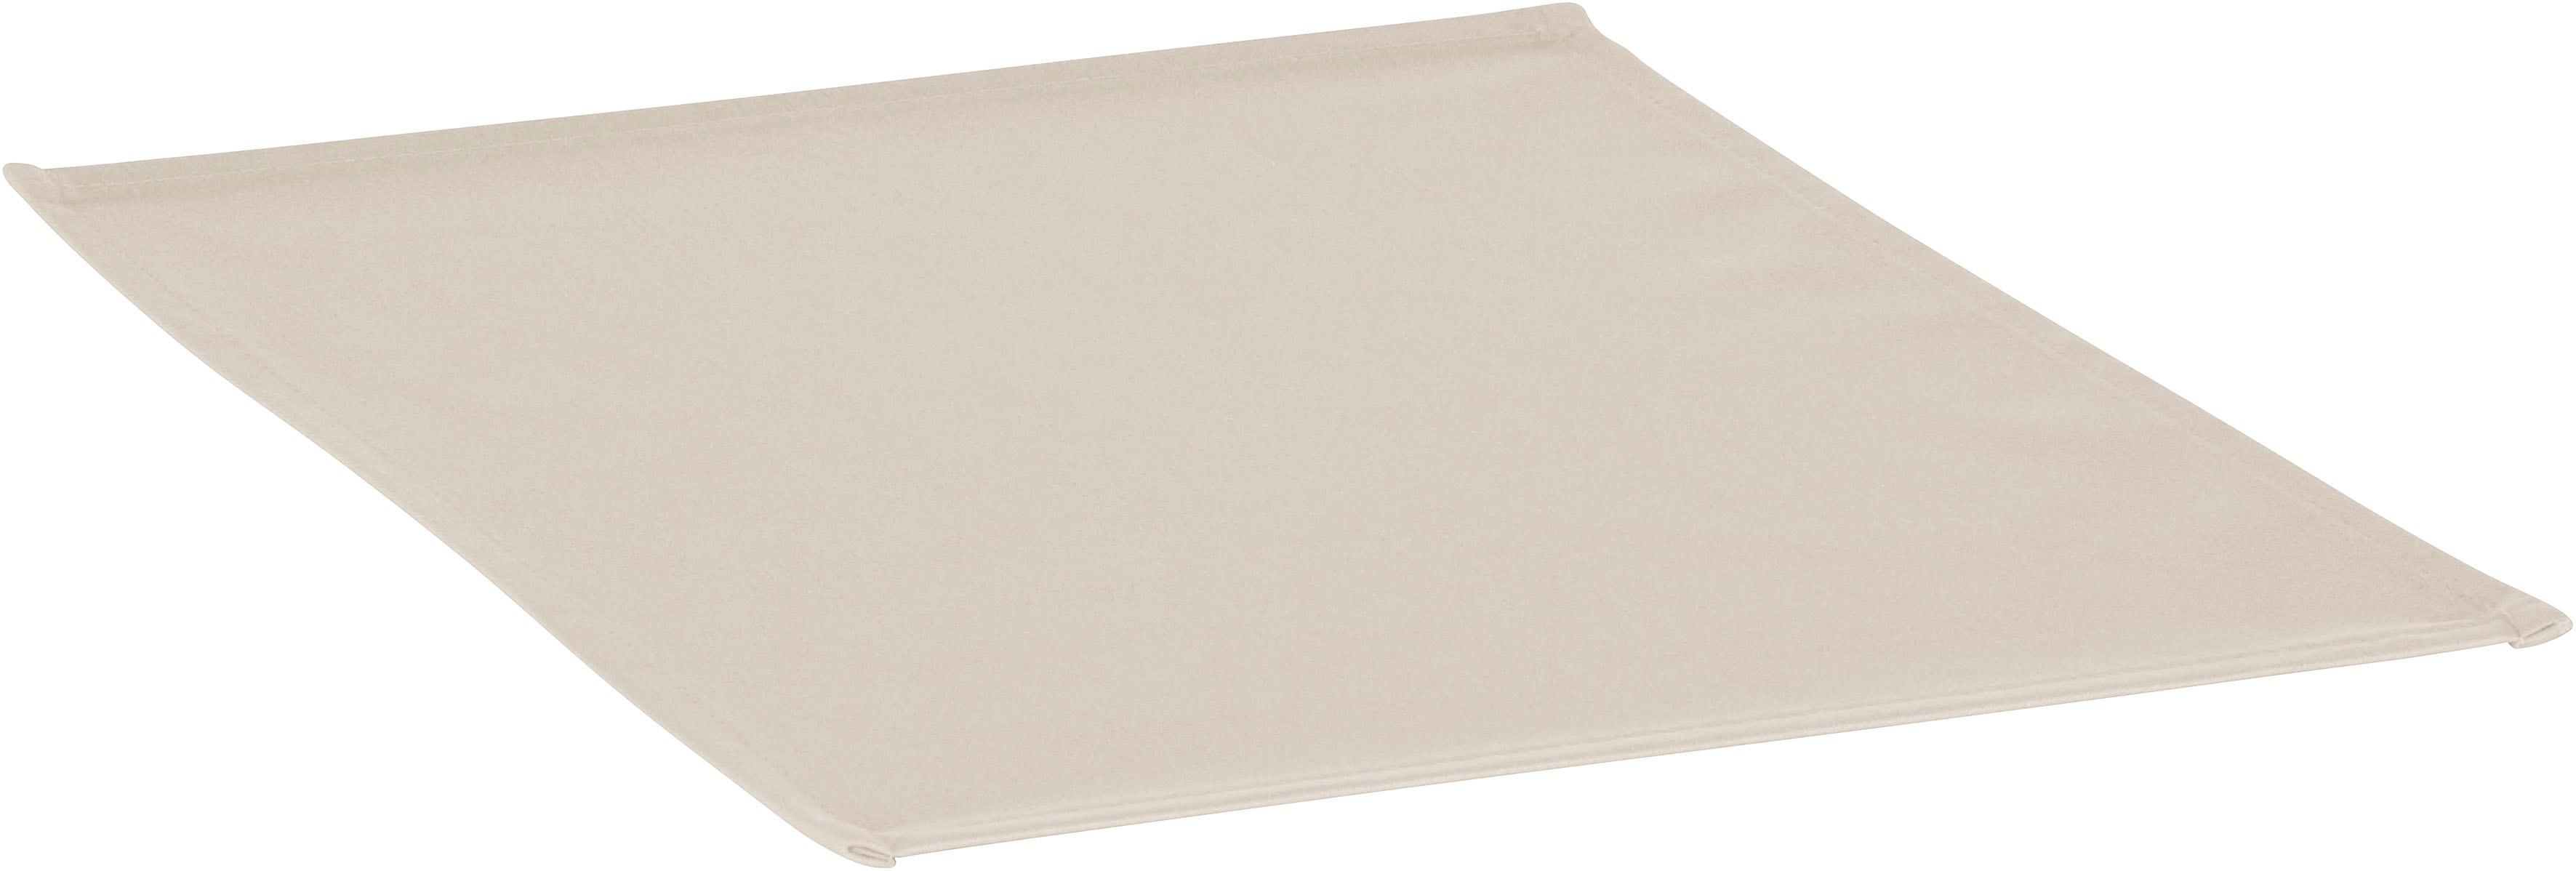 LeGer Home by Lena Gercke Stoffserviette Bennita beige Stoffservietten Tischwäsche